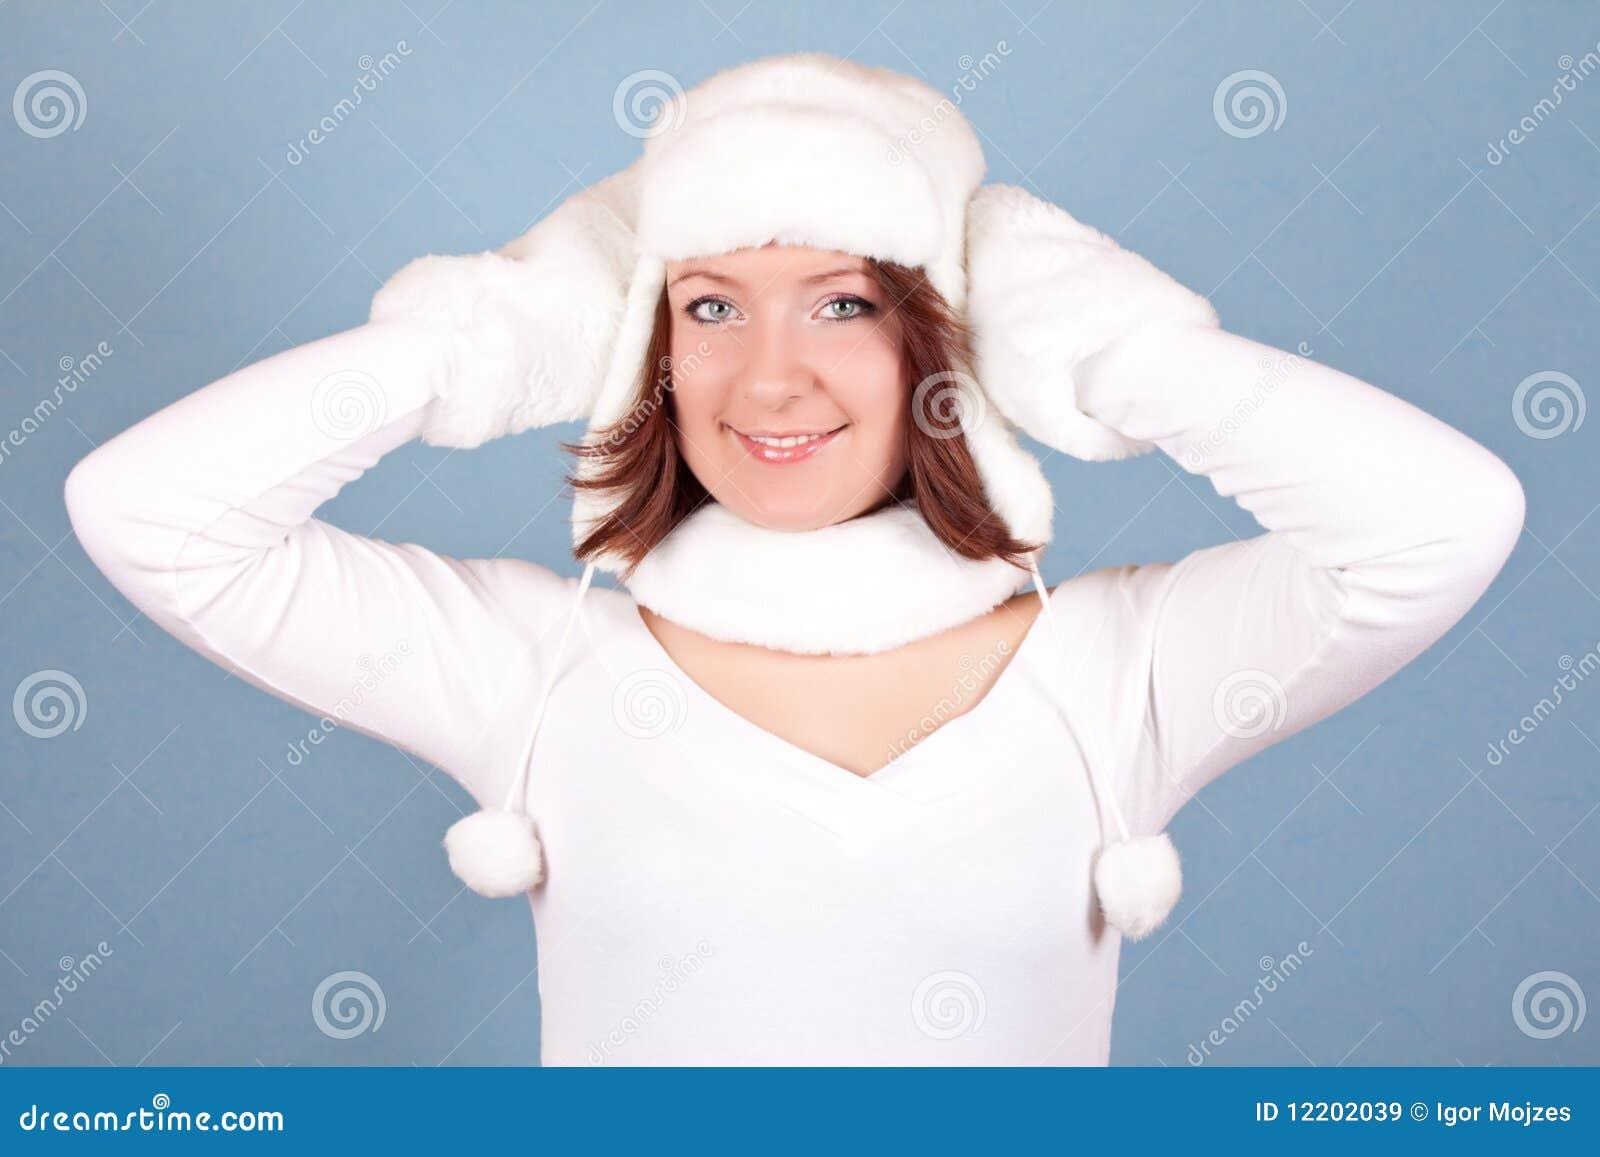 Weißes Weihnachtsmädchen